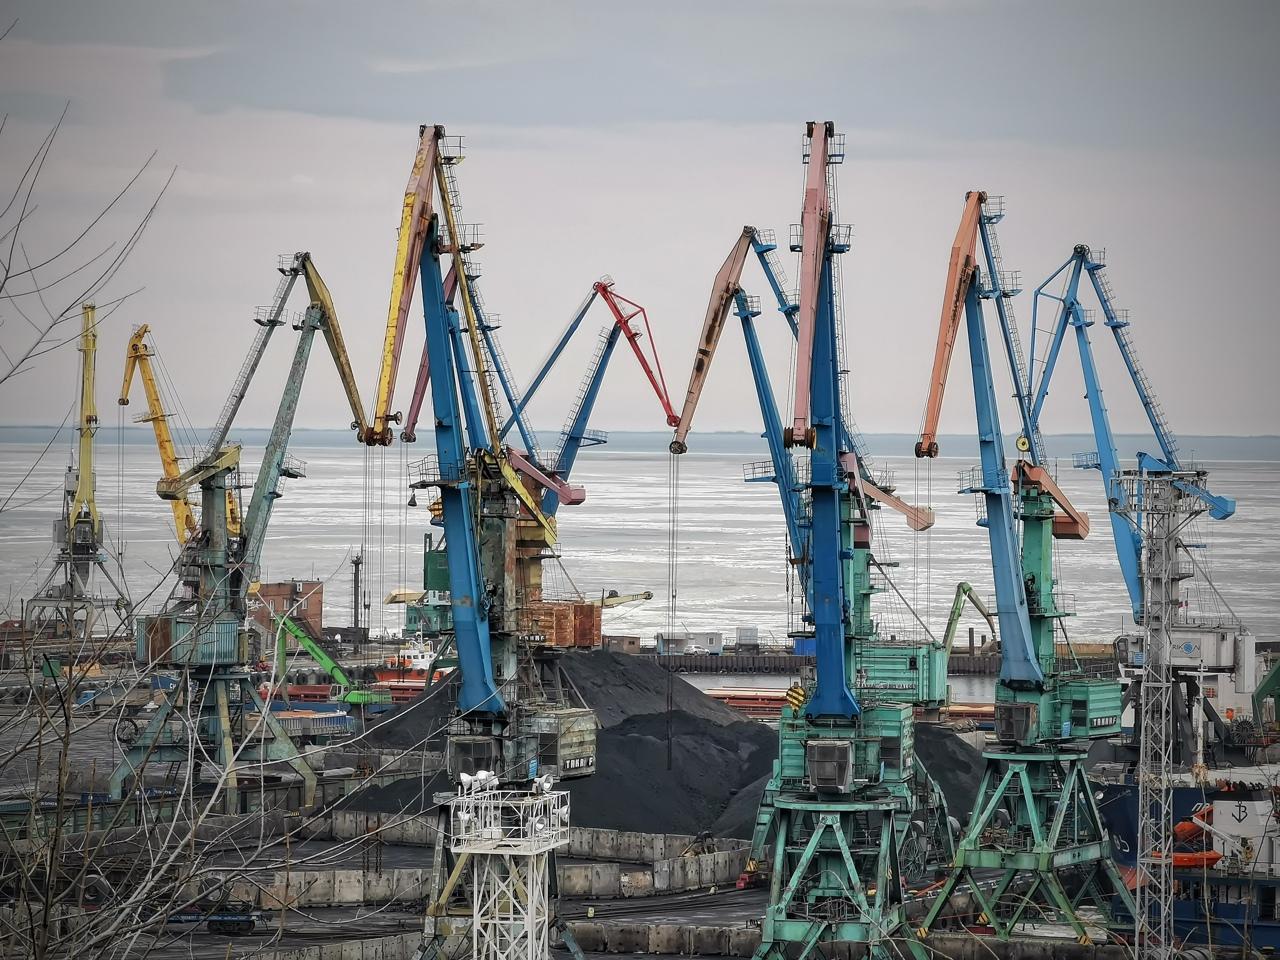 В 2020 году в Таганроге был выявлен повышенный уровень загрязнения атмосферного воздуха